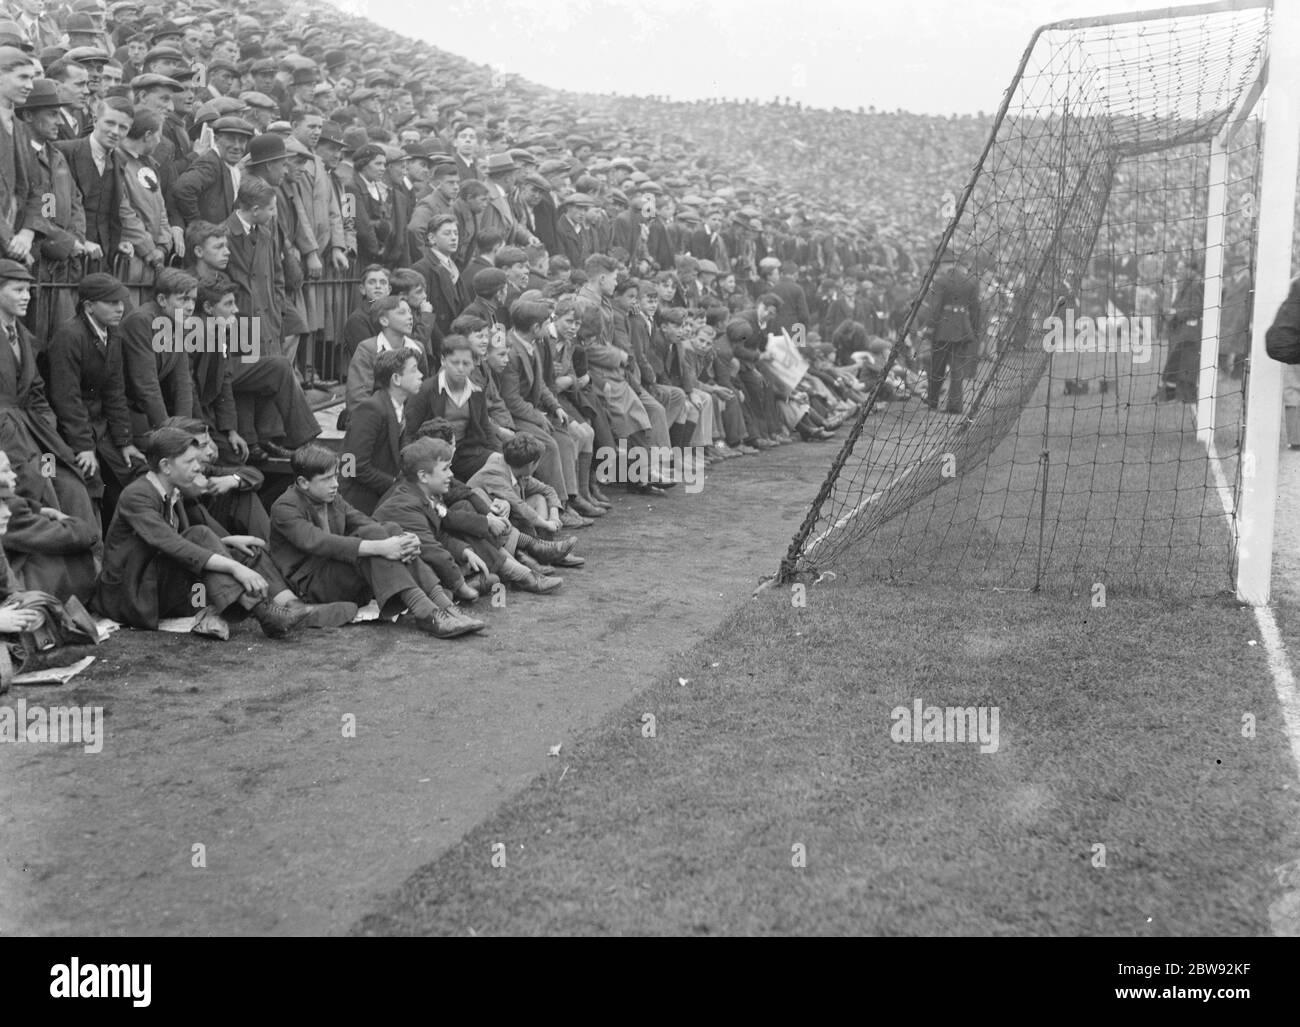 Espectadores en un partido de fútbol . 1939 Foto de stock